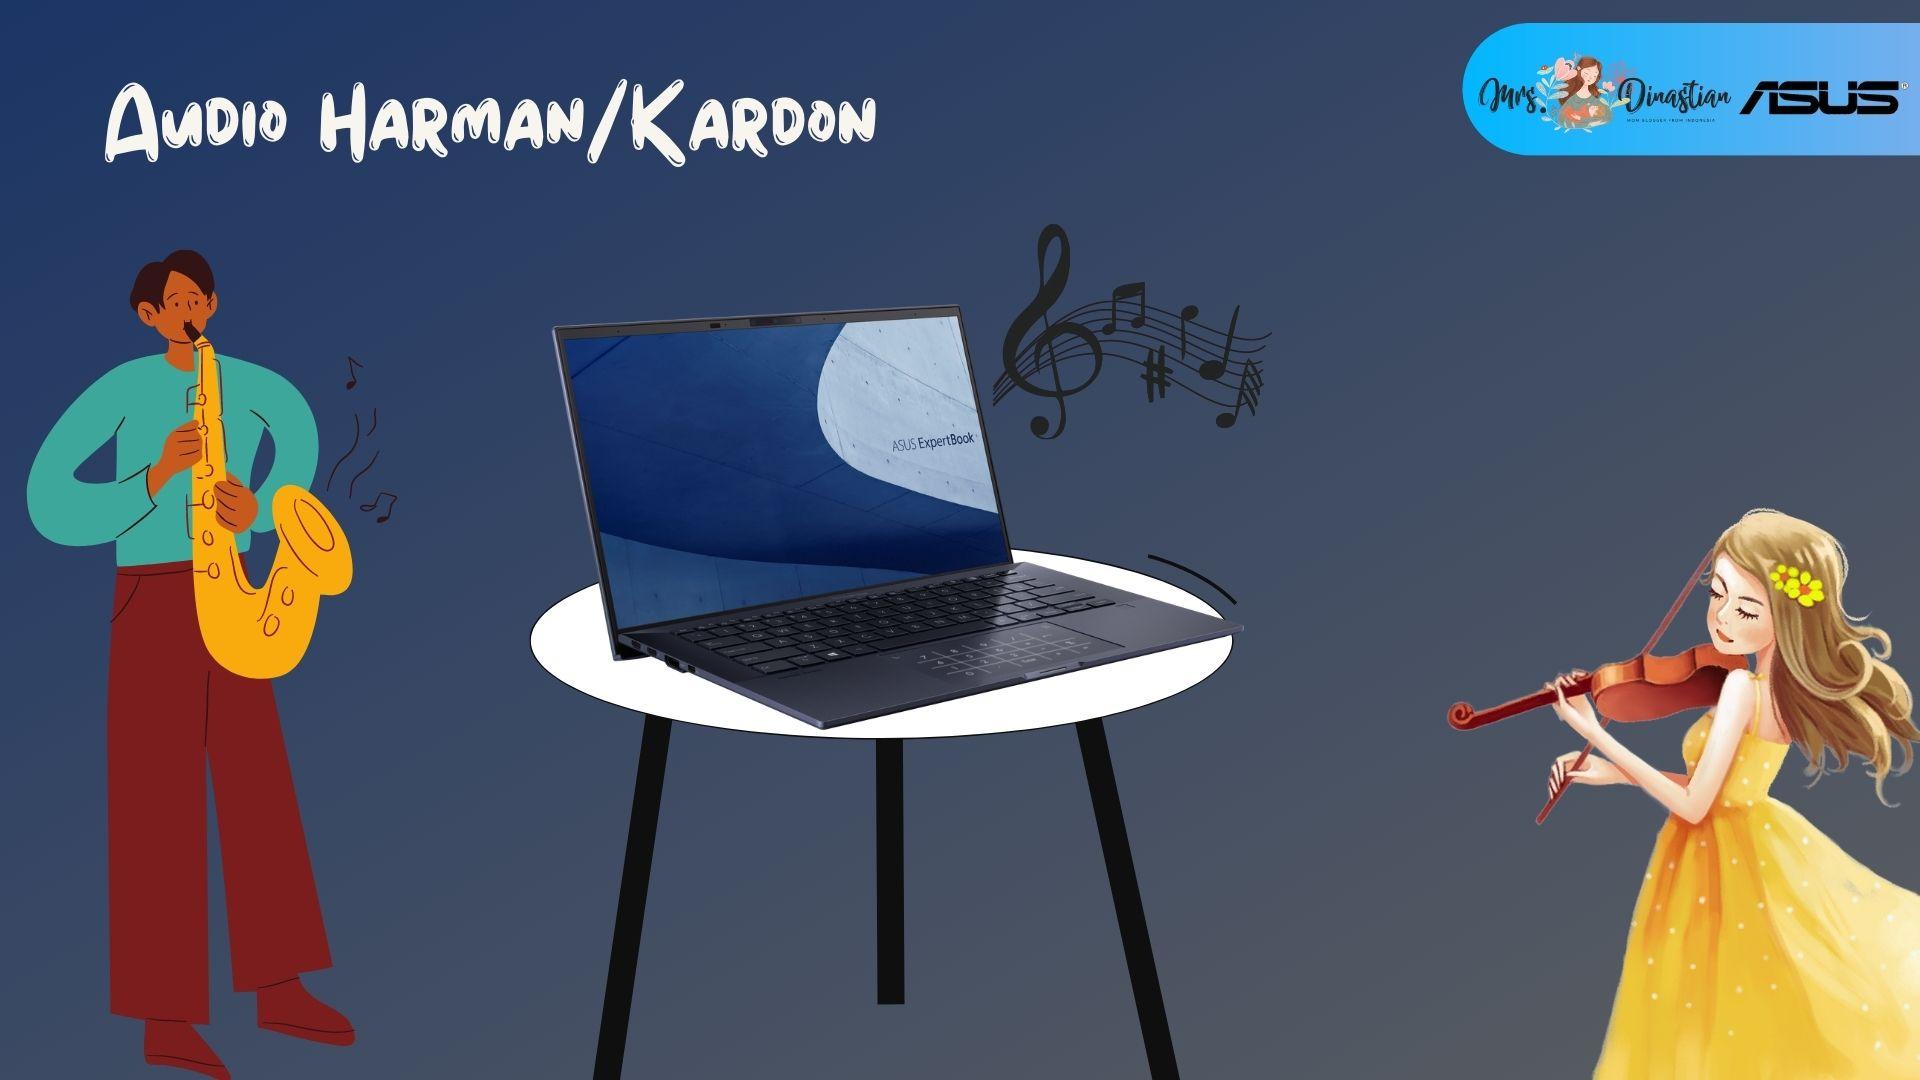 Audio Harman Kardon